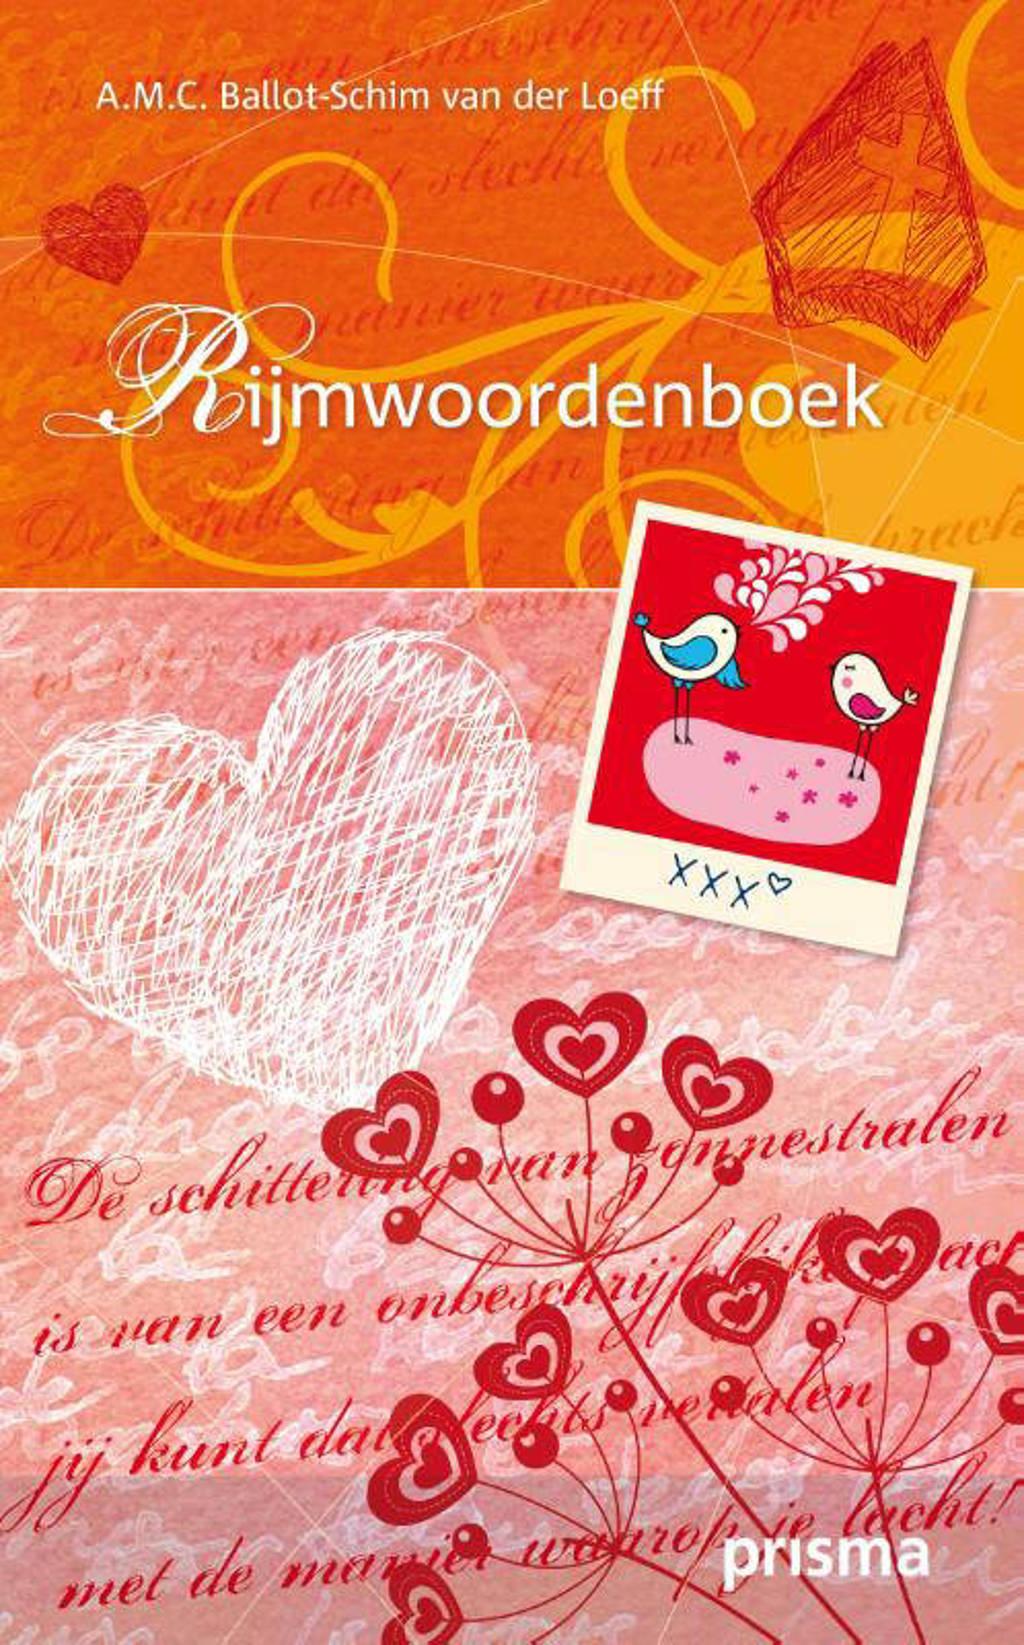 Prisma Rijmwoordenboek - A.M.C. Ballot-Schim van der Loeff